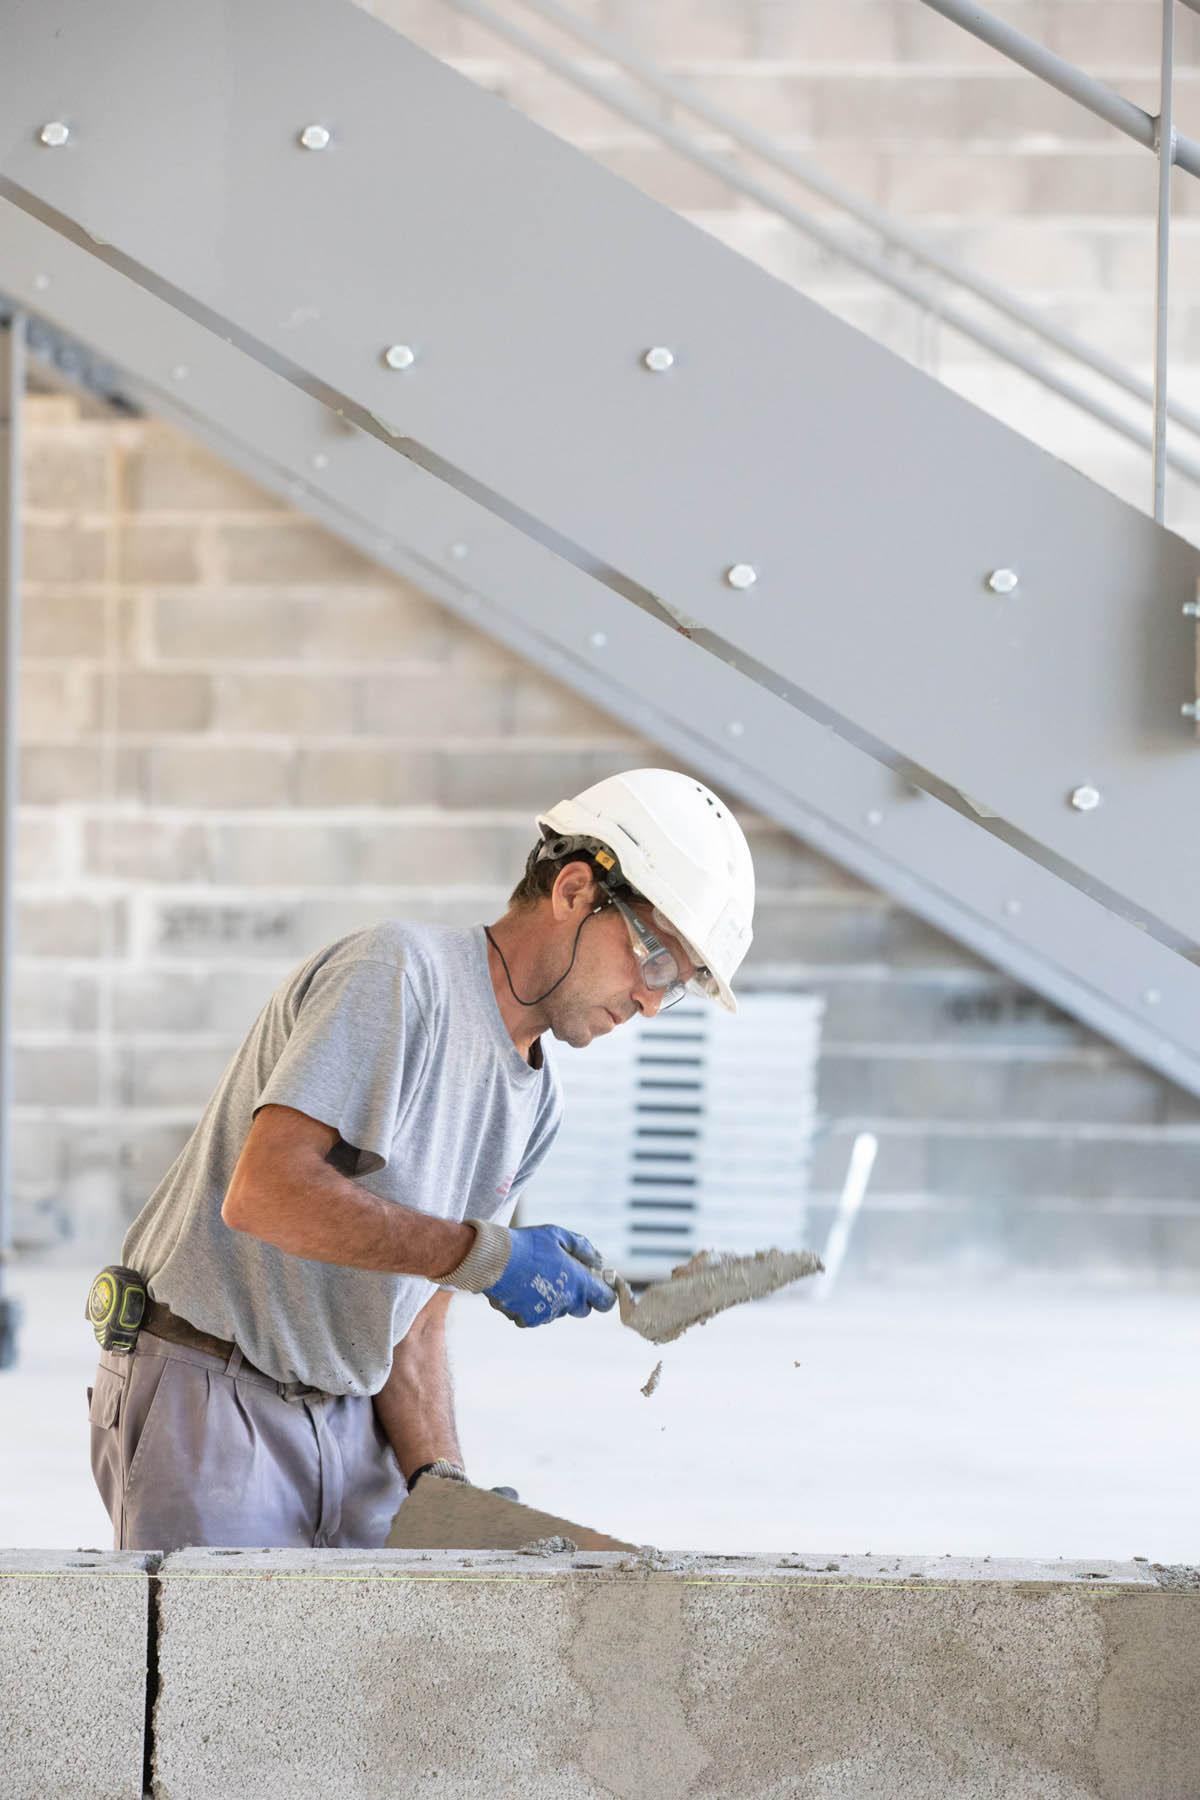 photo d'ouvrier qui travaille avec une truelle sur un chantier de construction par Carole photographe d'entreprise